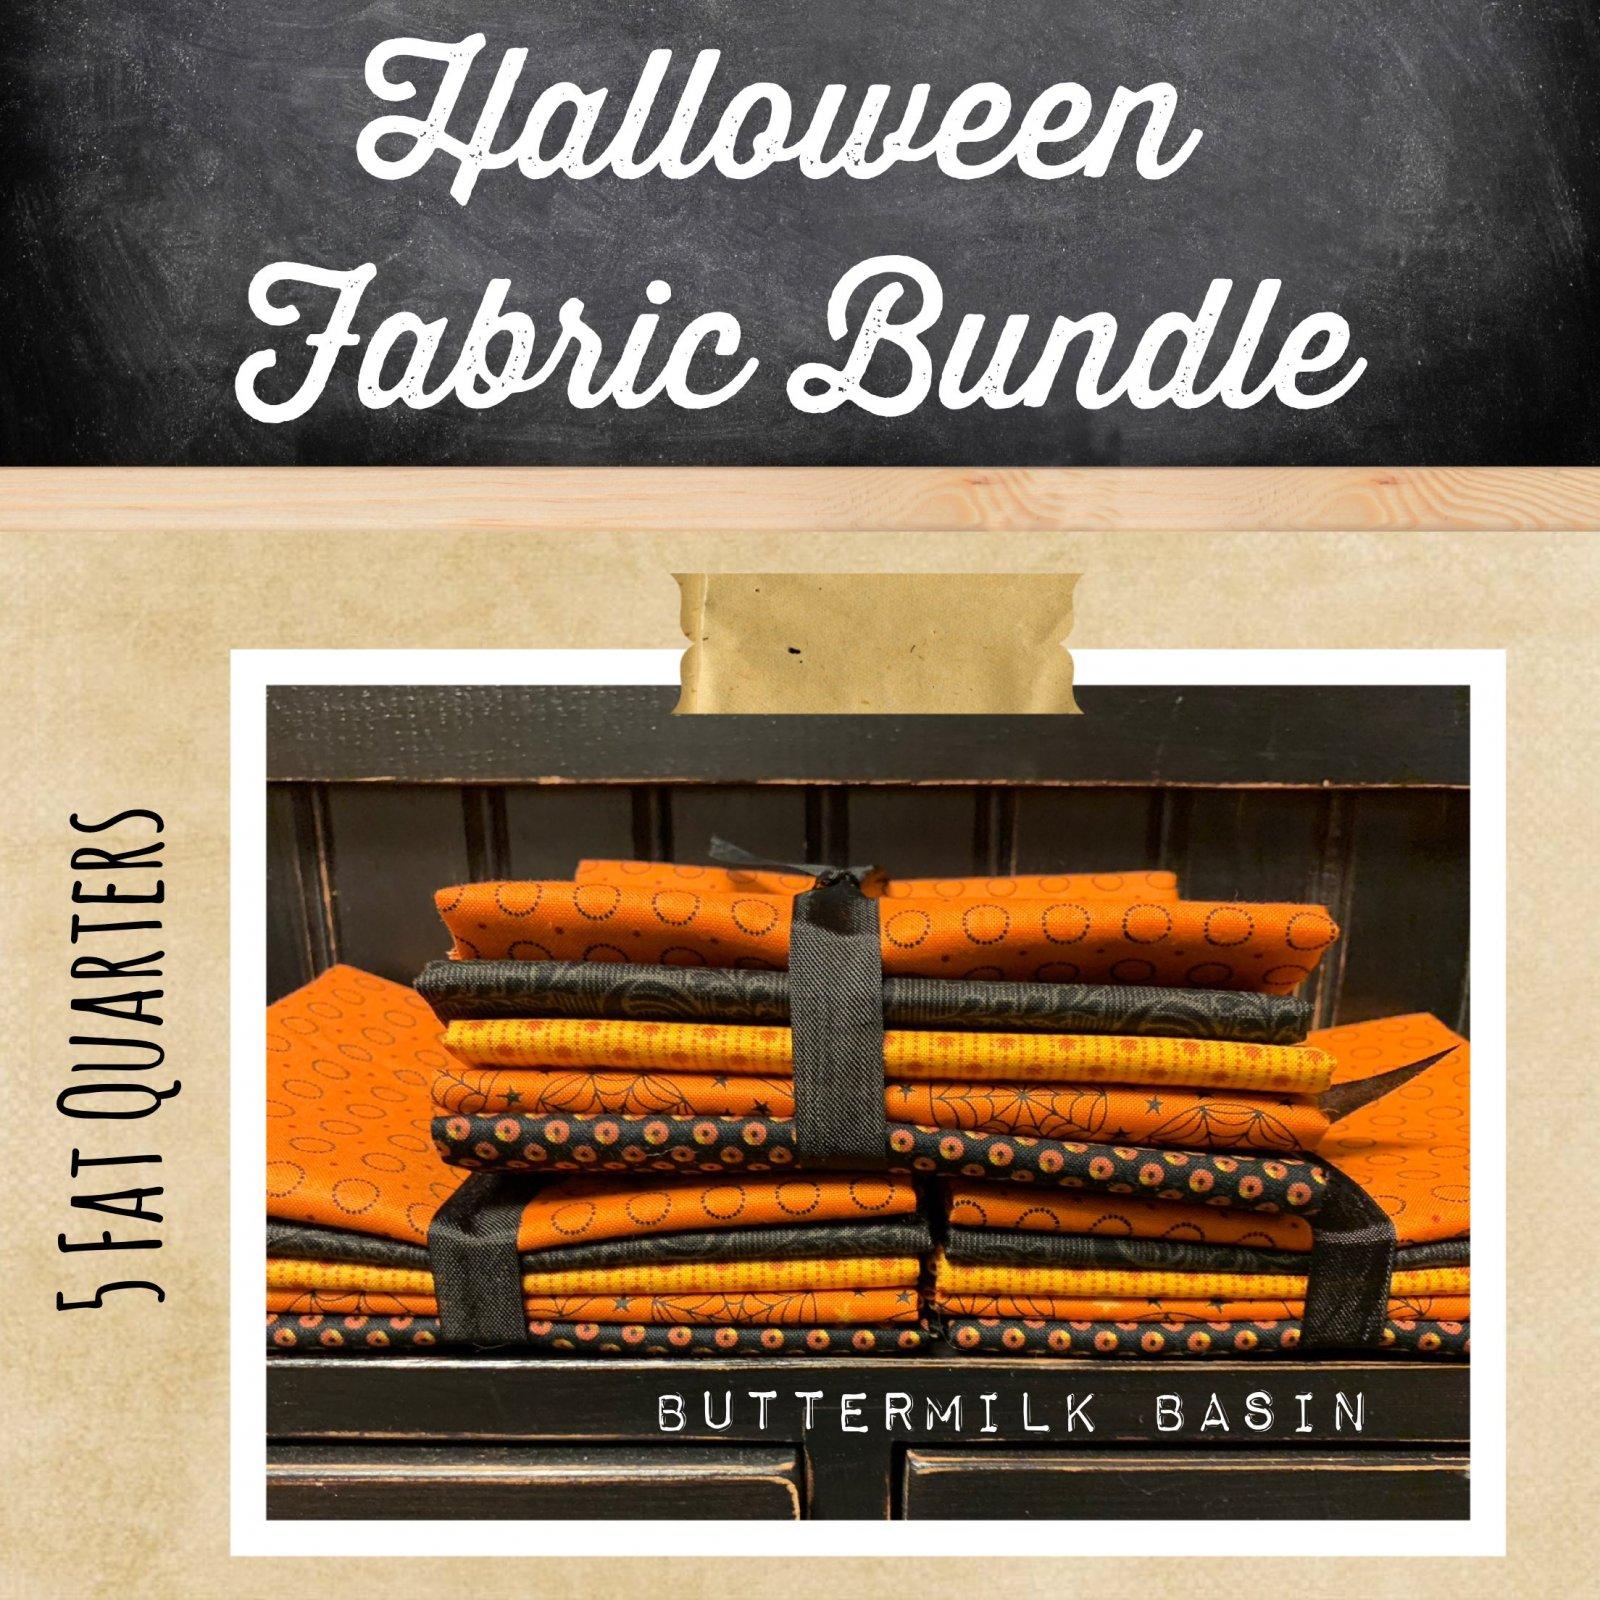 Halloween Fabric Bundle